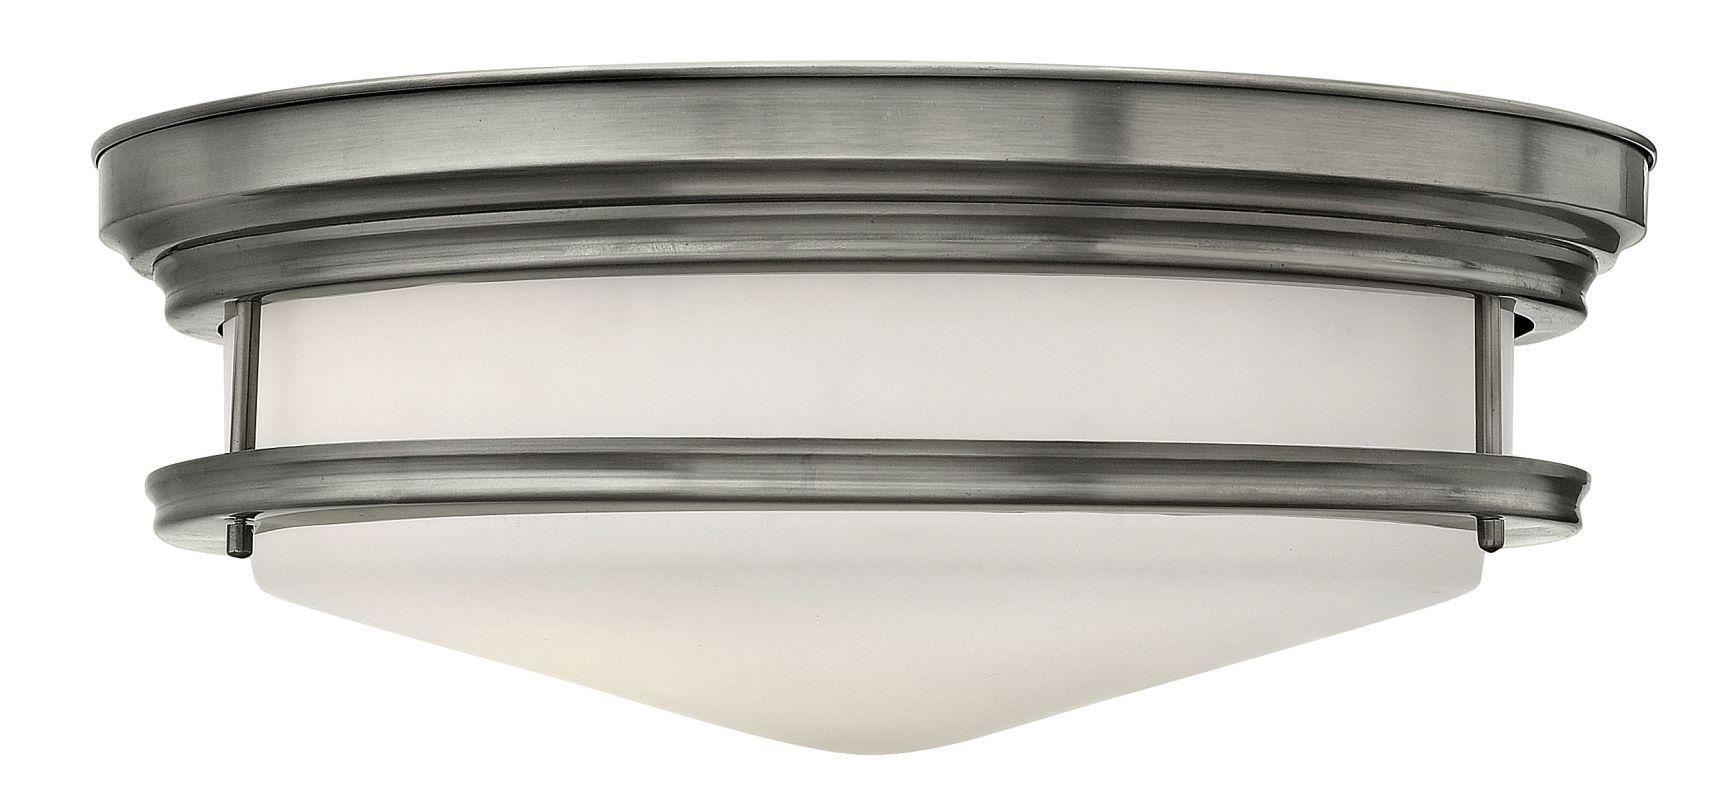 Hinkley Lighting 3304-LED 1 Light LED Indoor Flush Mount Ceiling Sale $699.00 ITEM#: 2233914 MODEL# :3304AN-LED UPC#: 640665330458 :